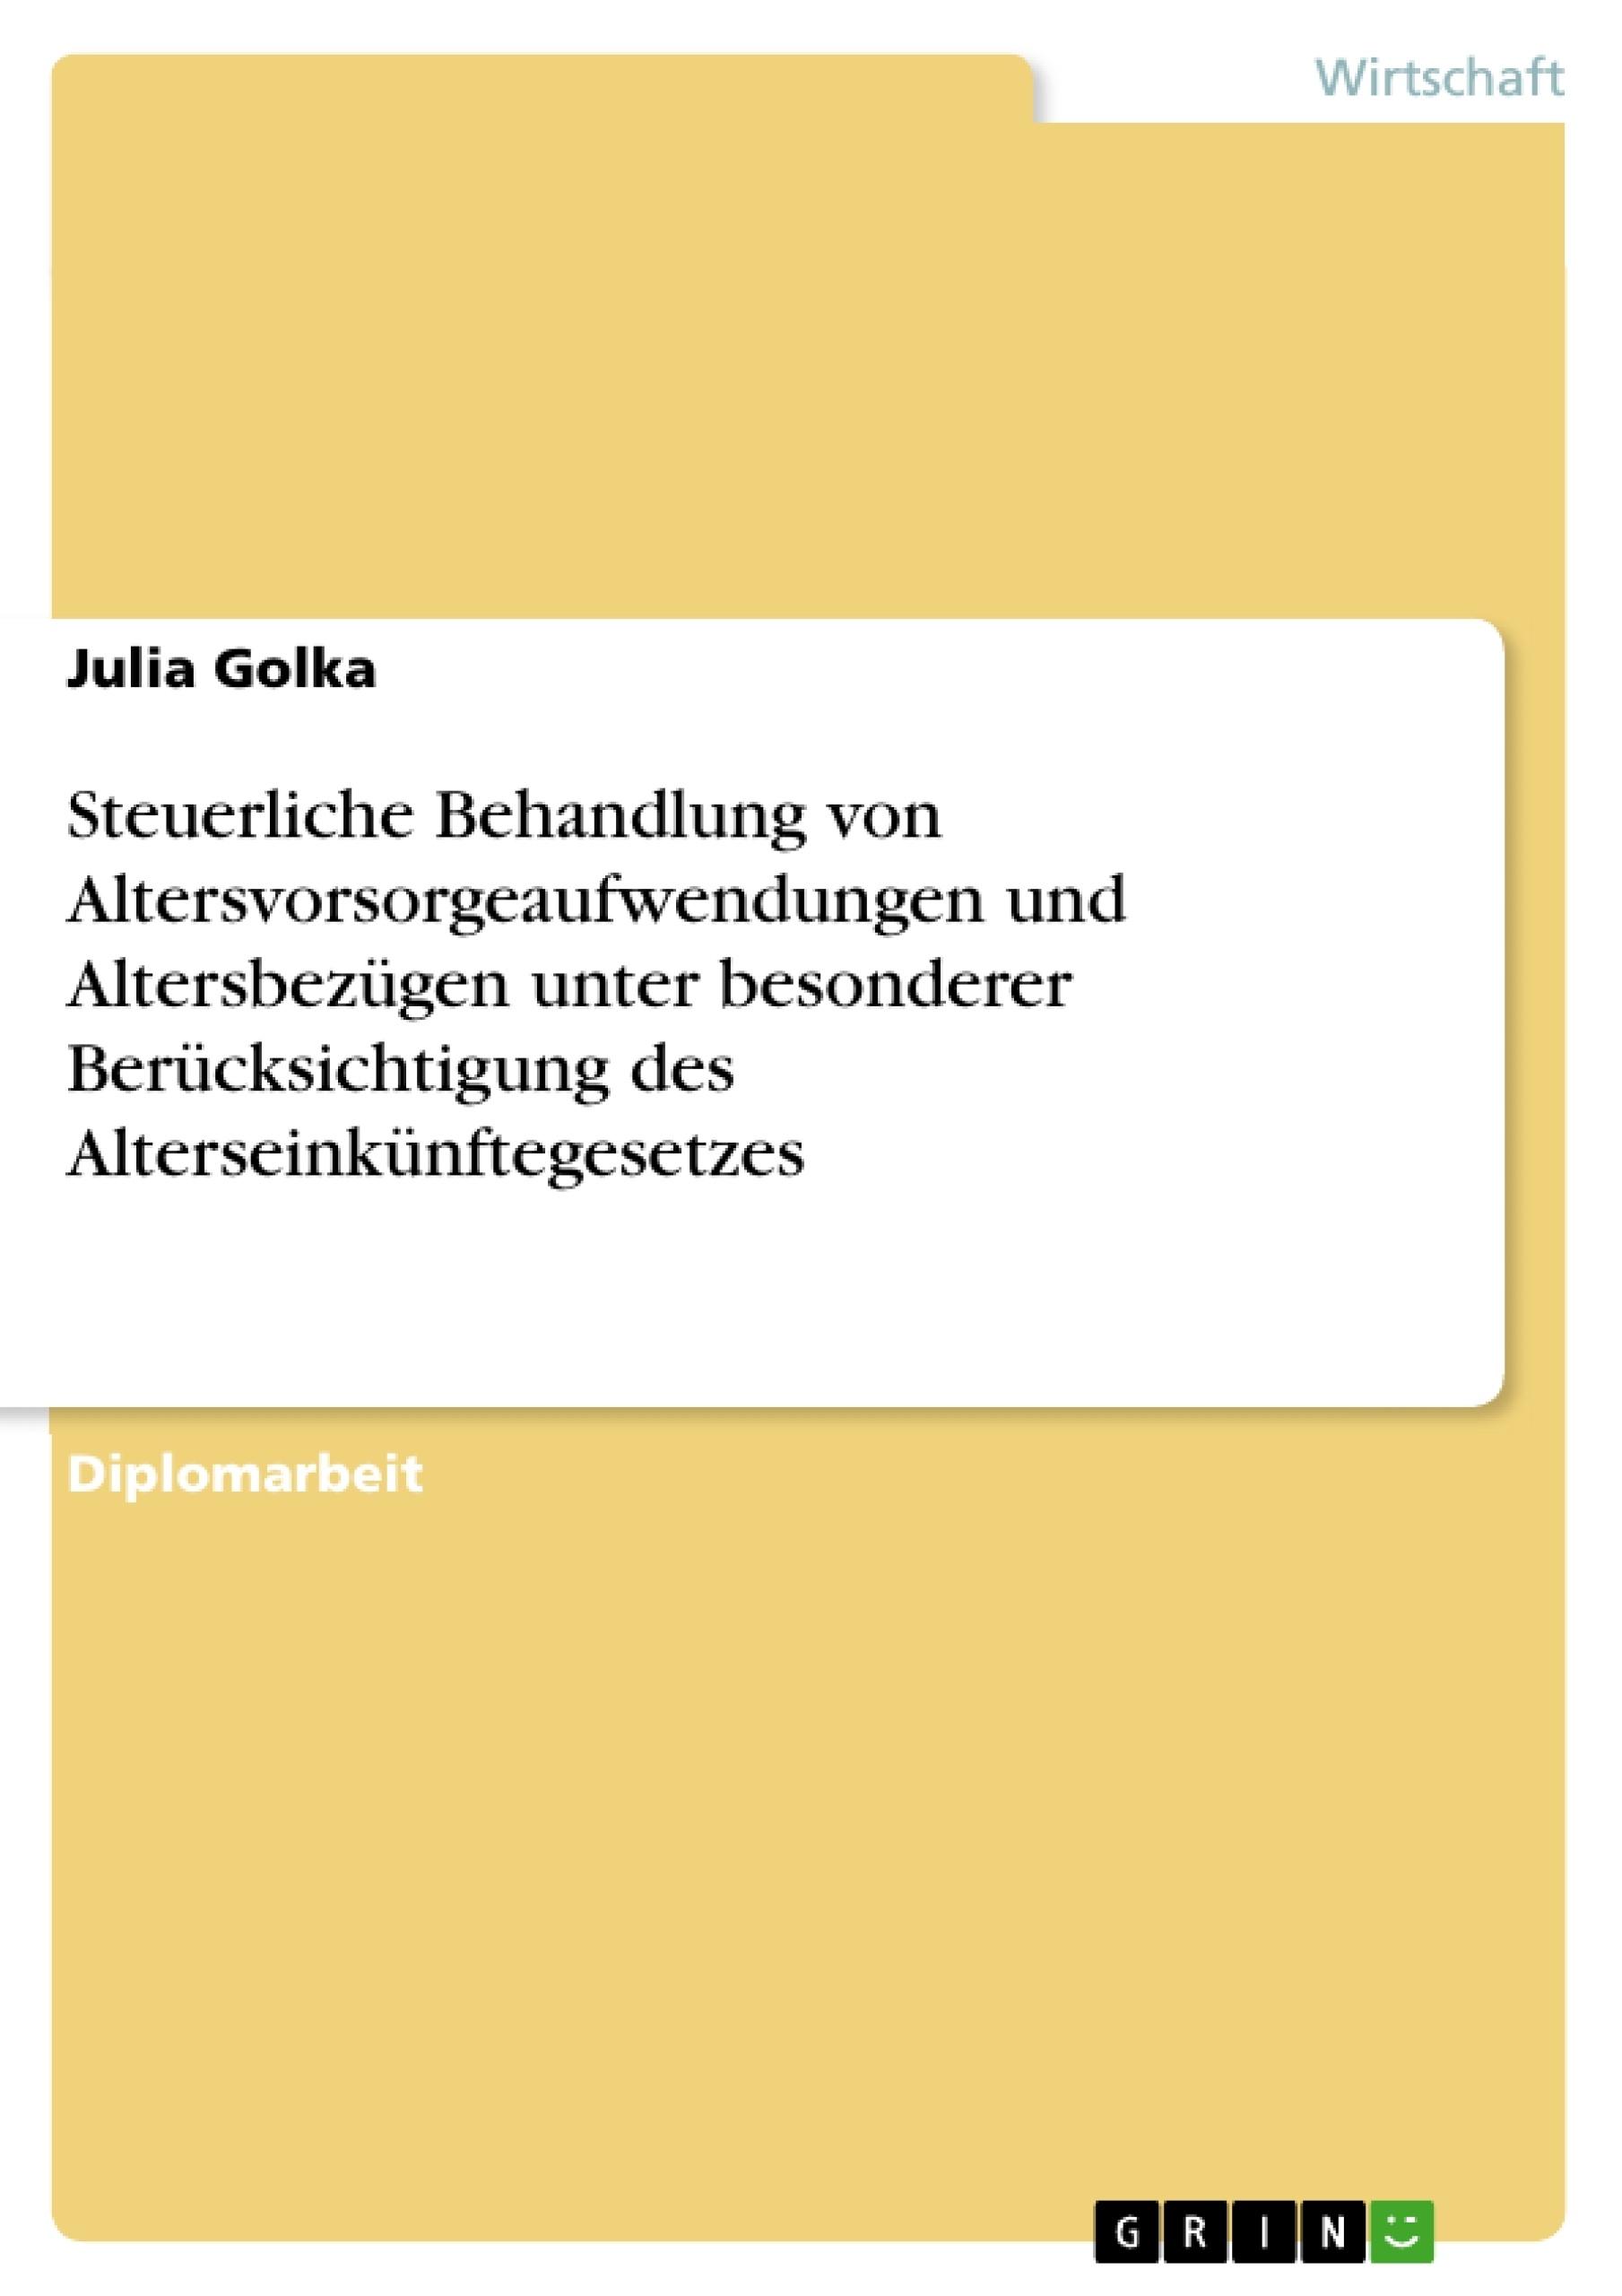 Titel: Steuerliche Behandlung von Altersvorsorgeaufwendungen und Altersbezügen unter besonderer Berücksichtigung des Alterseinkünftegesetzes